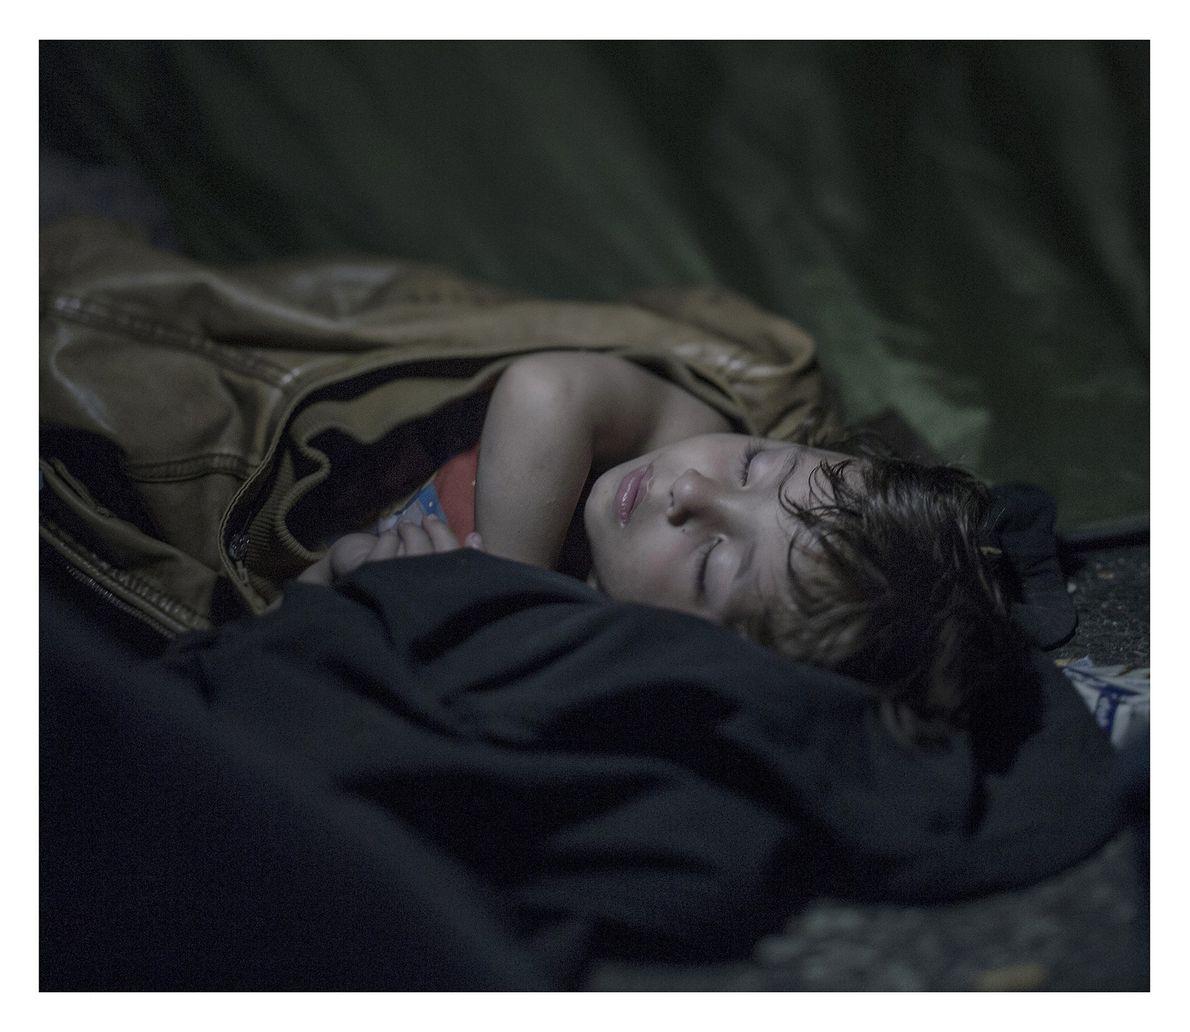 criança refugiada sono na fronteira